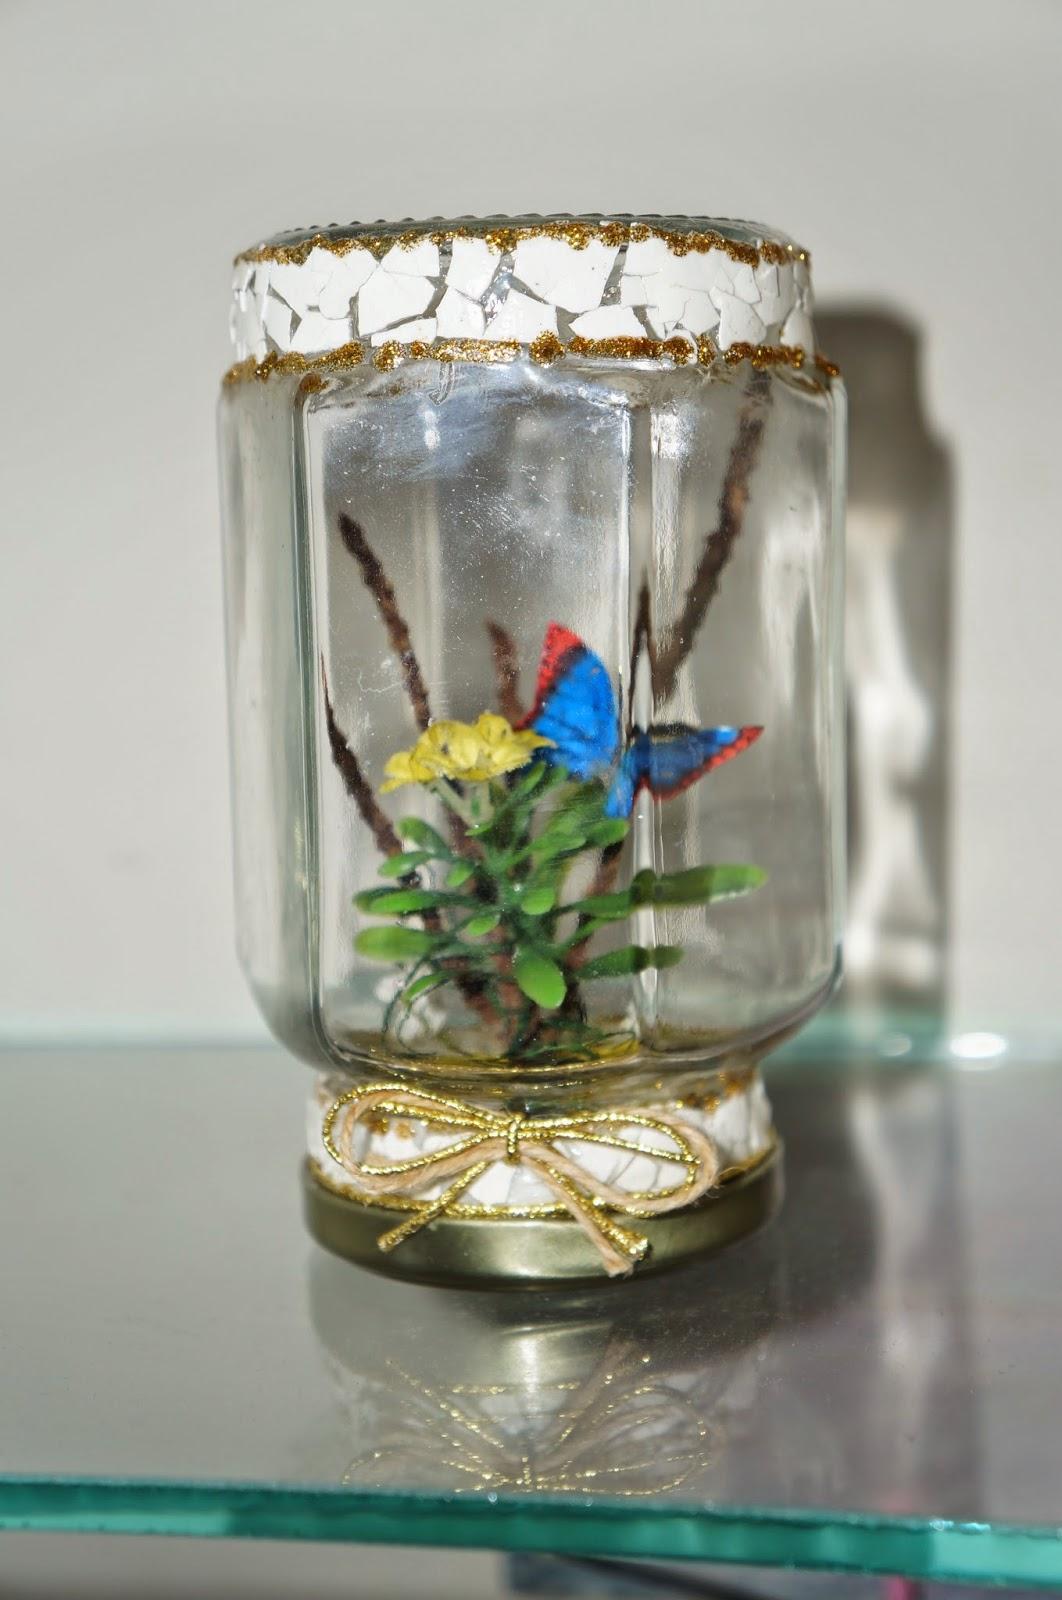 vidro de conserva